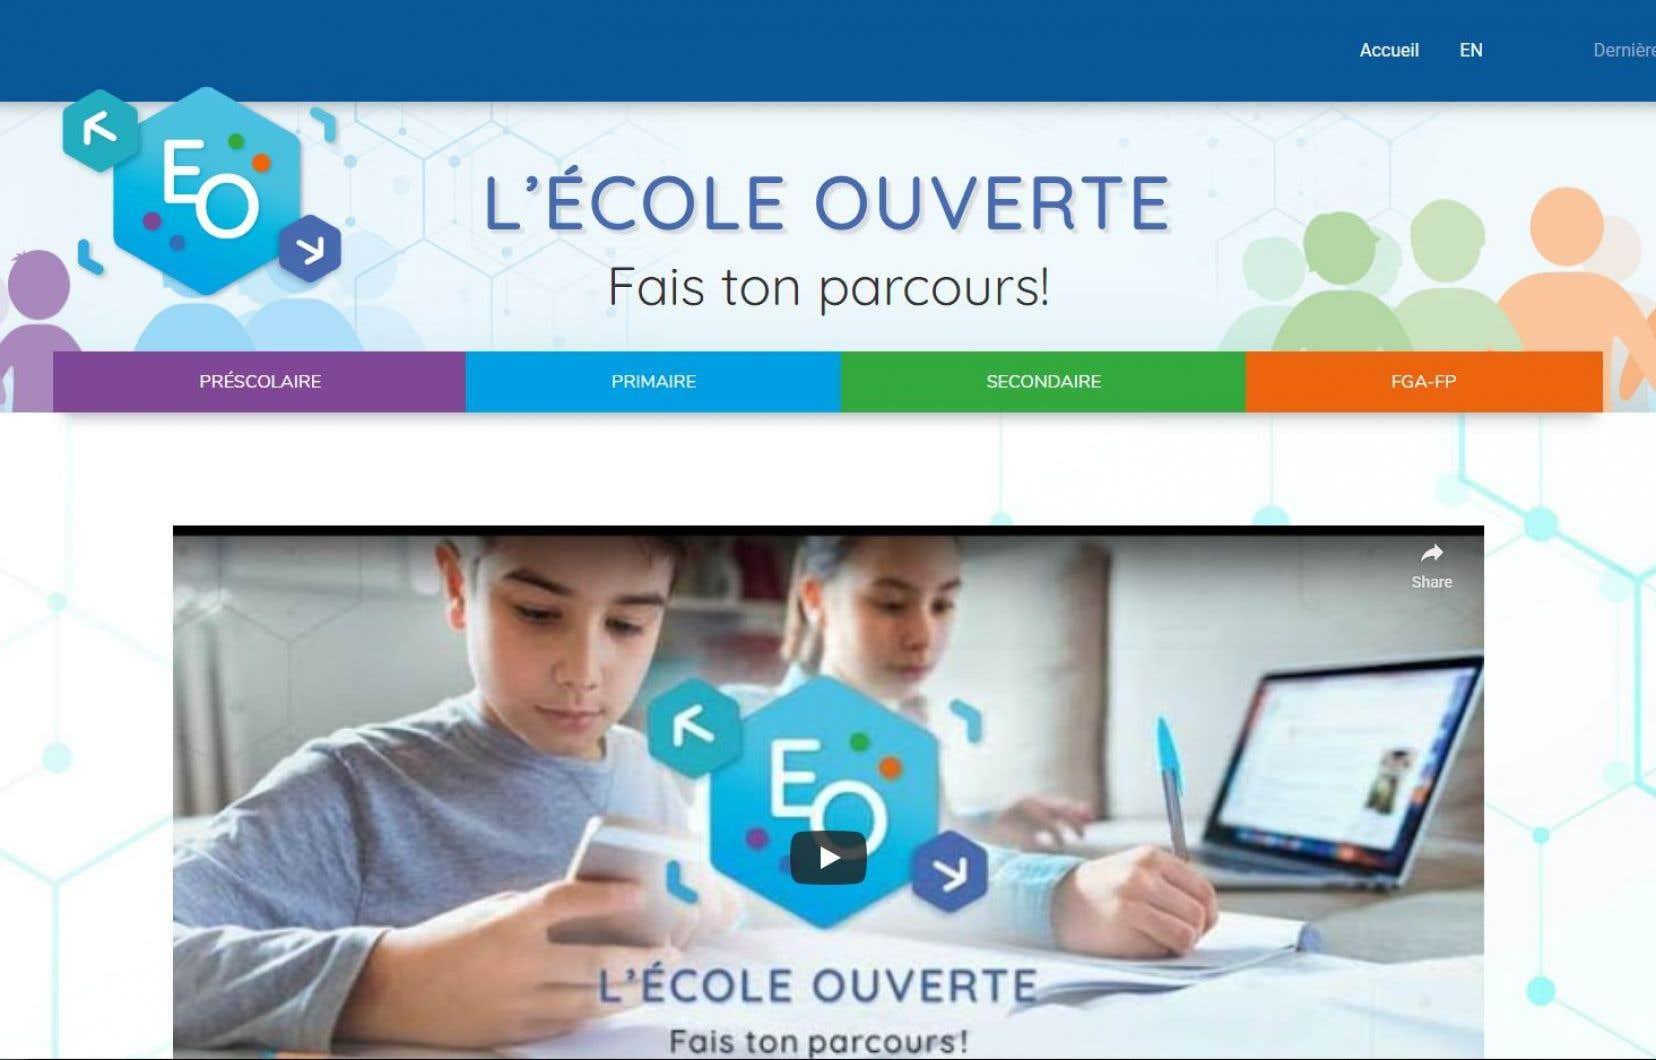 La plateforme en ligneoffre des ressources variées donnant accès à des activités de différentes natures dans plusieurs matières et à tous les niveaux scolaires.